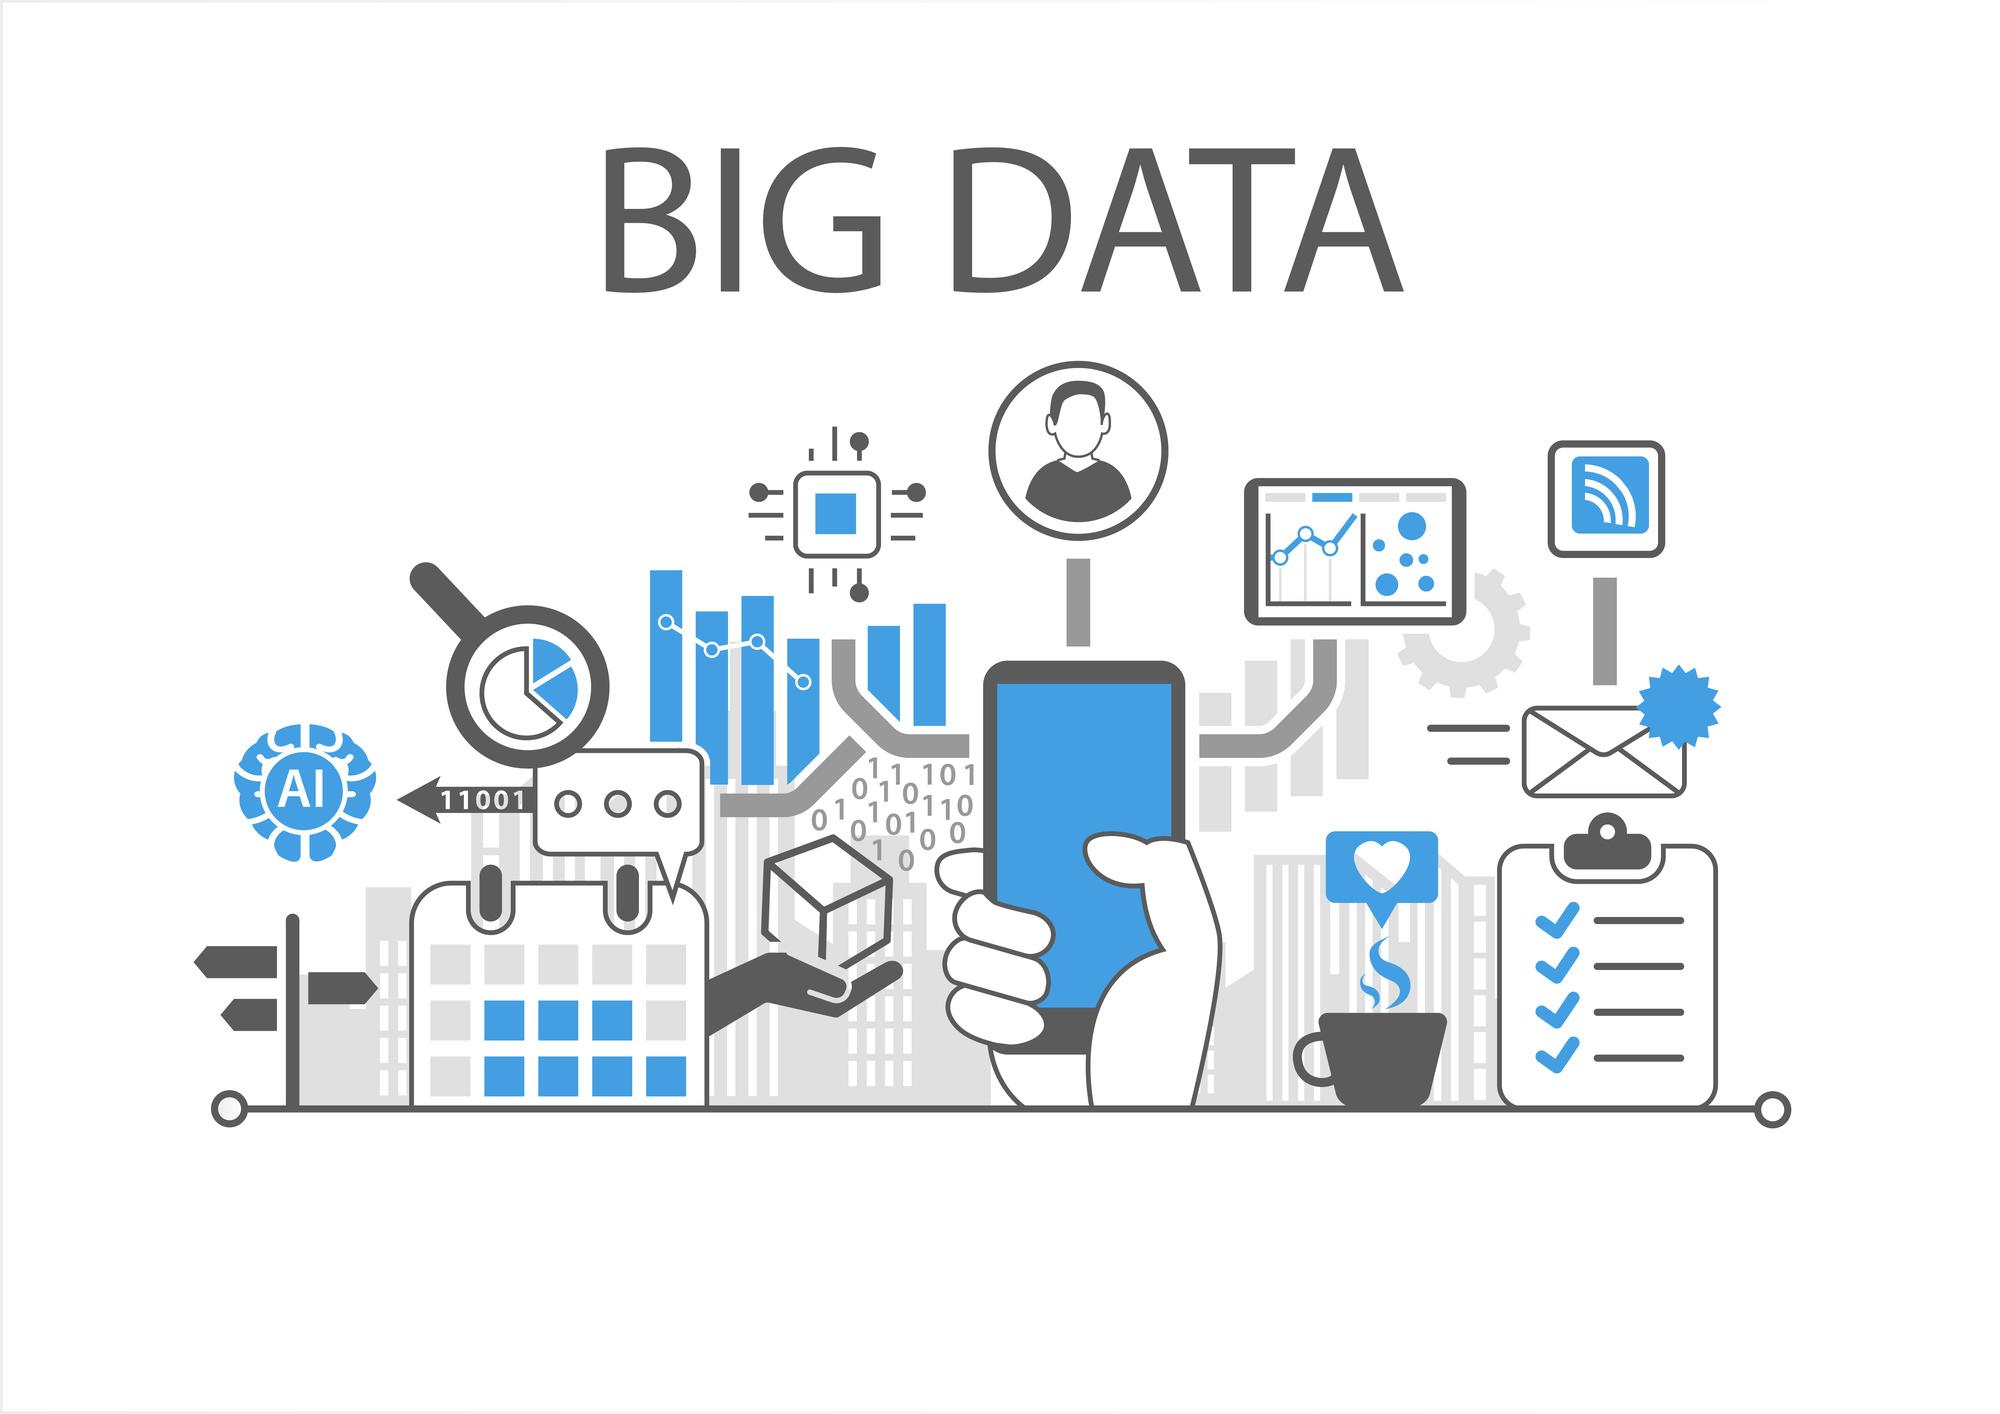 Báo chí dữ liệu: Những điều cần biết